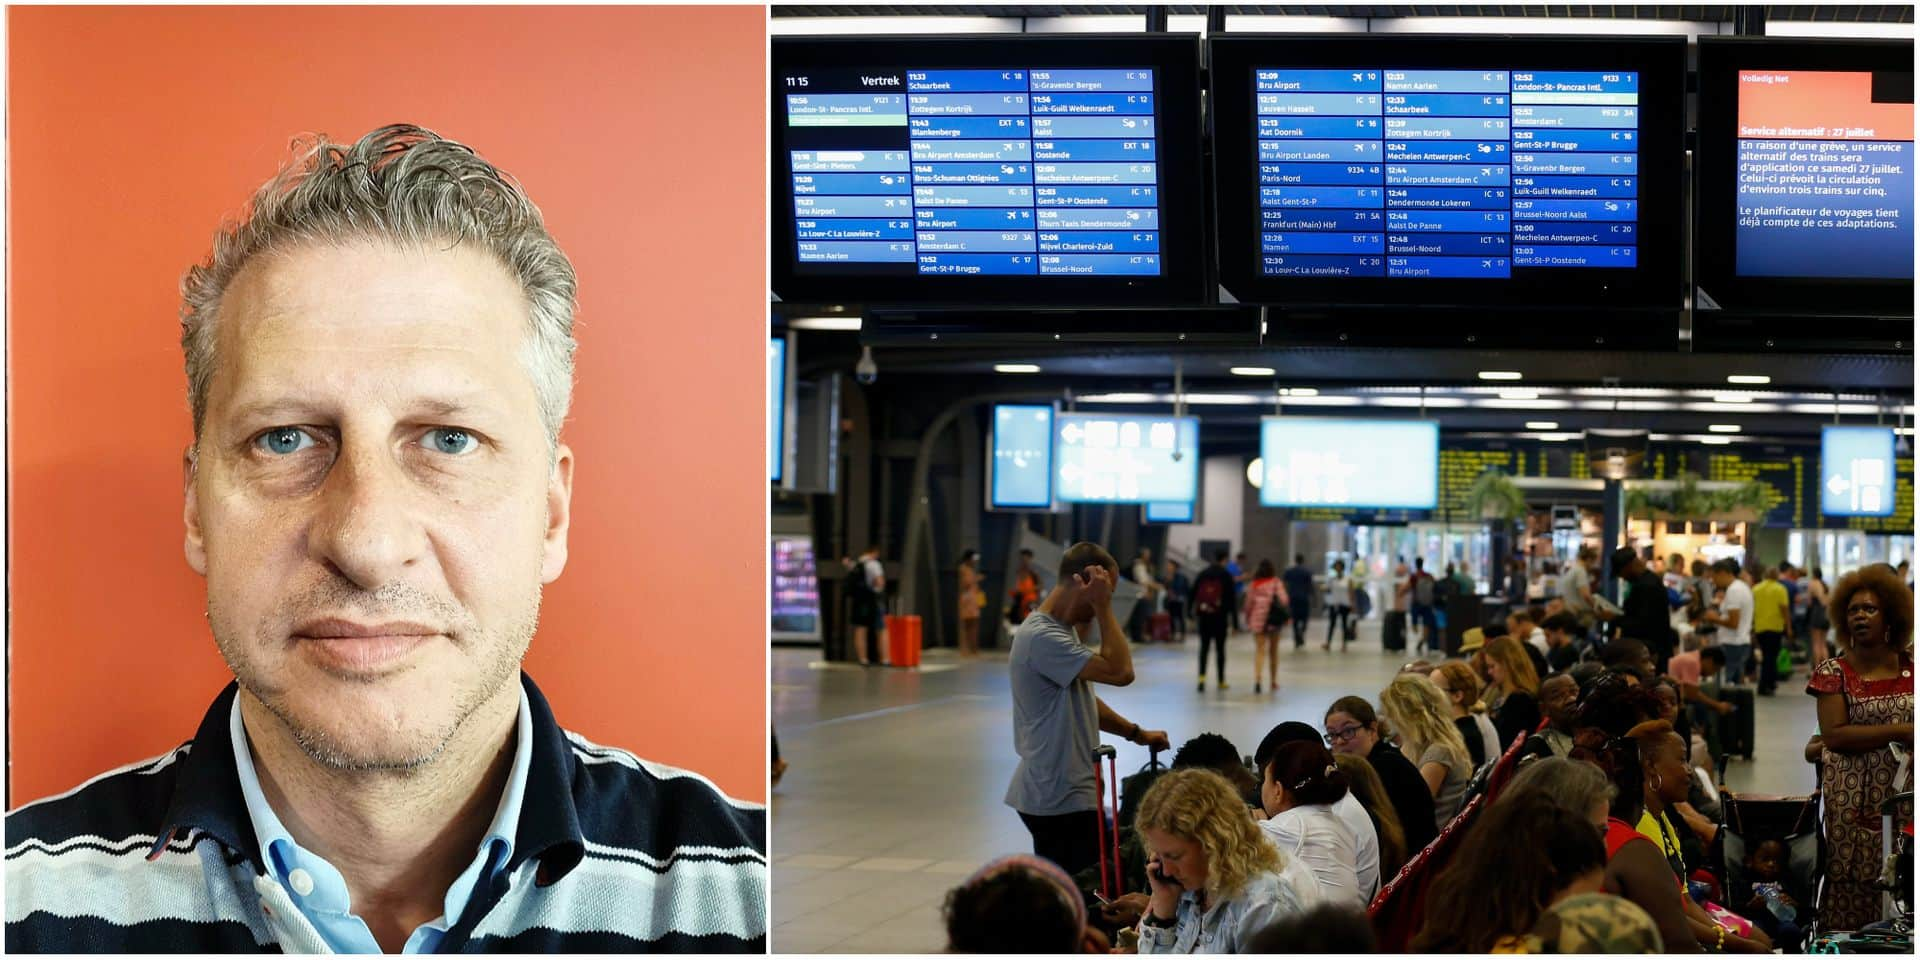 """""""Bruxelles-Midi,c'est le Kosovo"""" : la phrase choc du patron flamand Marcel Buelens ne passe pas auprès des Kosovars"""